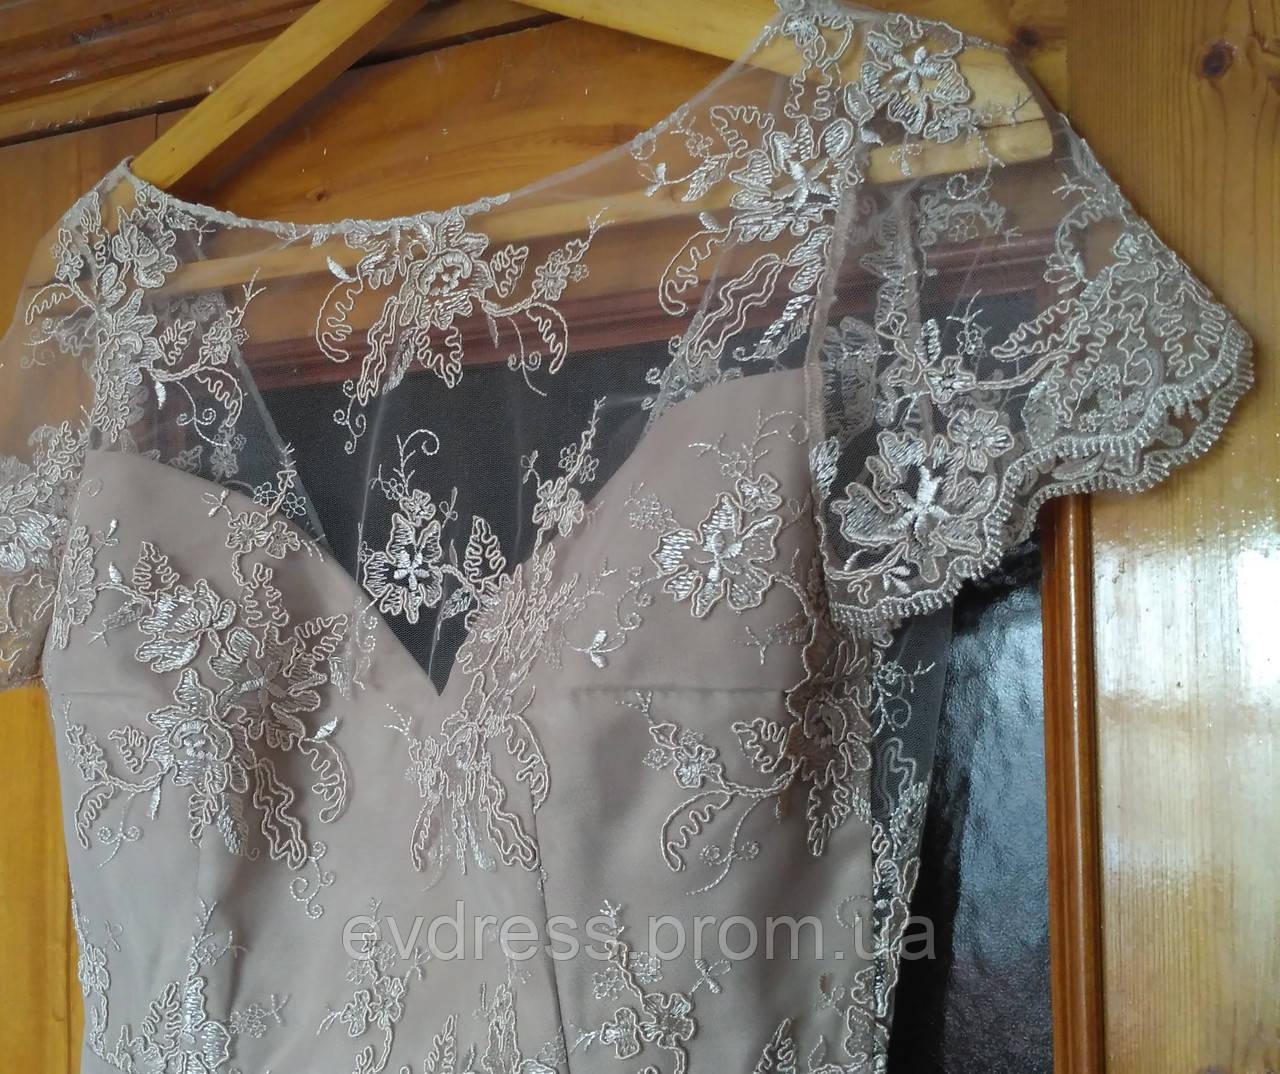 ... Бежеве вечірнє плаття довге в підлогу на весілля 5da021ee9c2f4